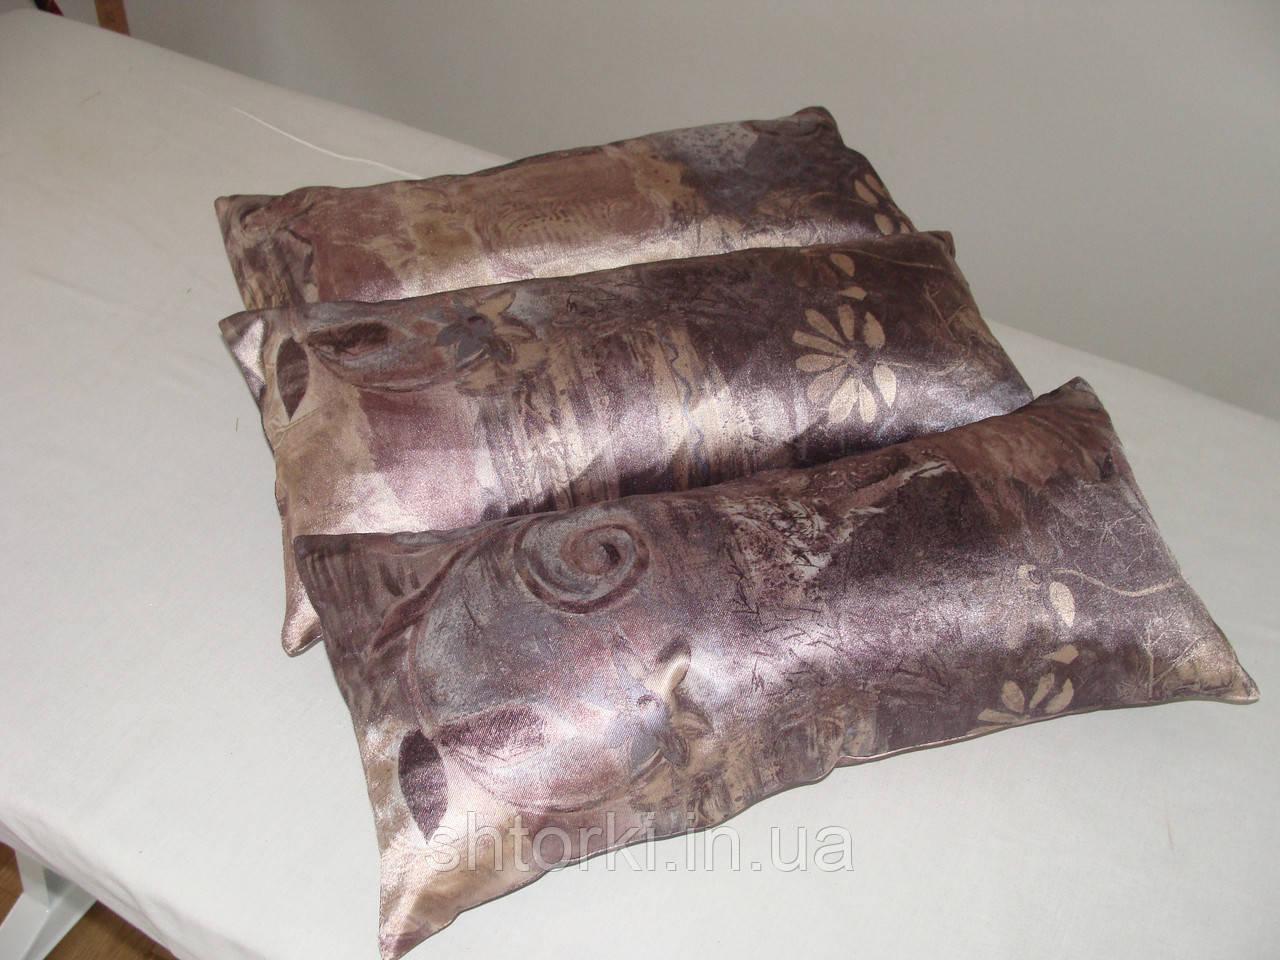 Комплект подушек Бежевао-серые 3шт